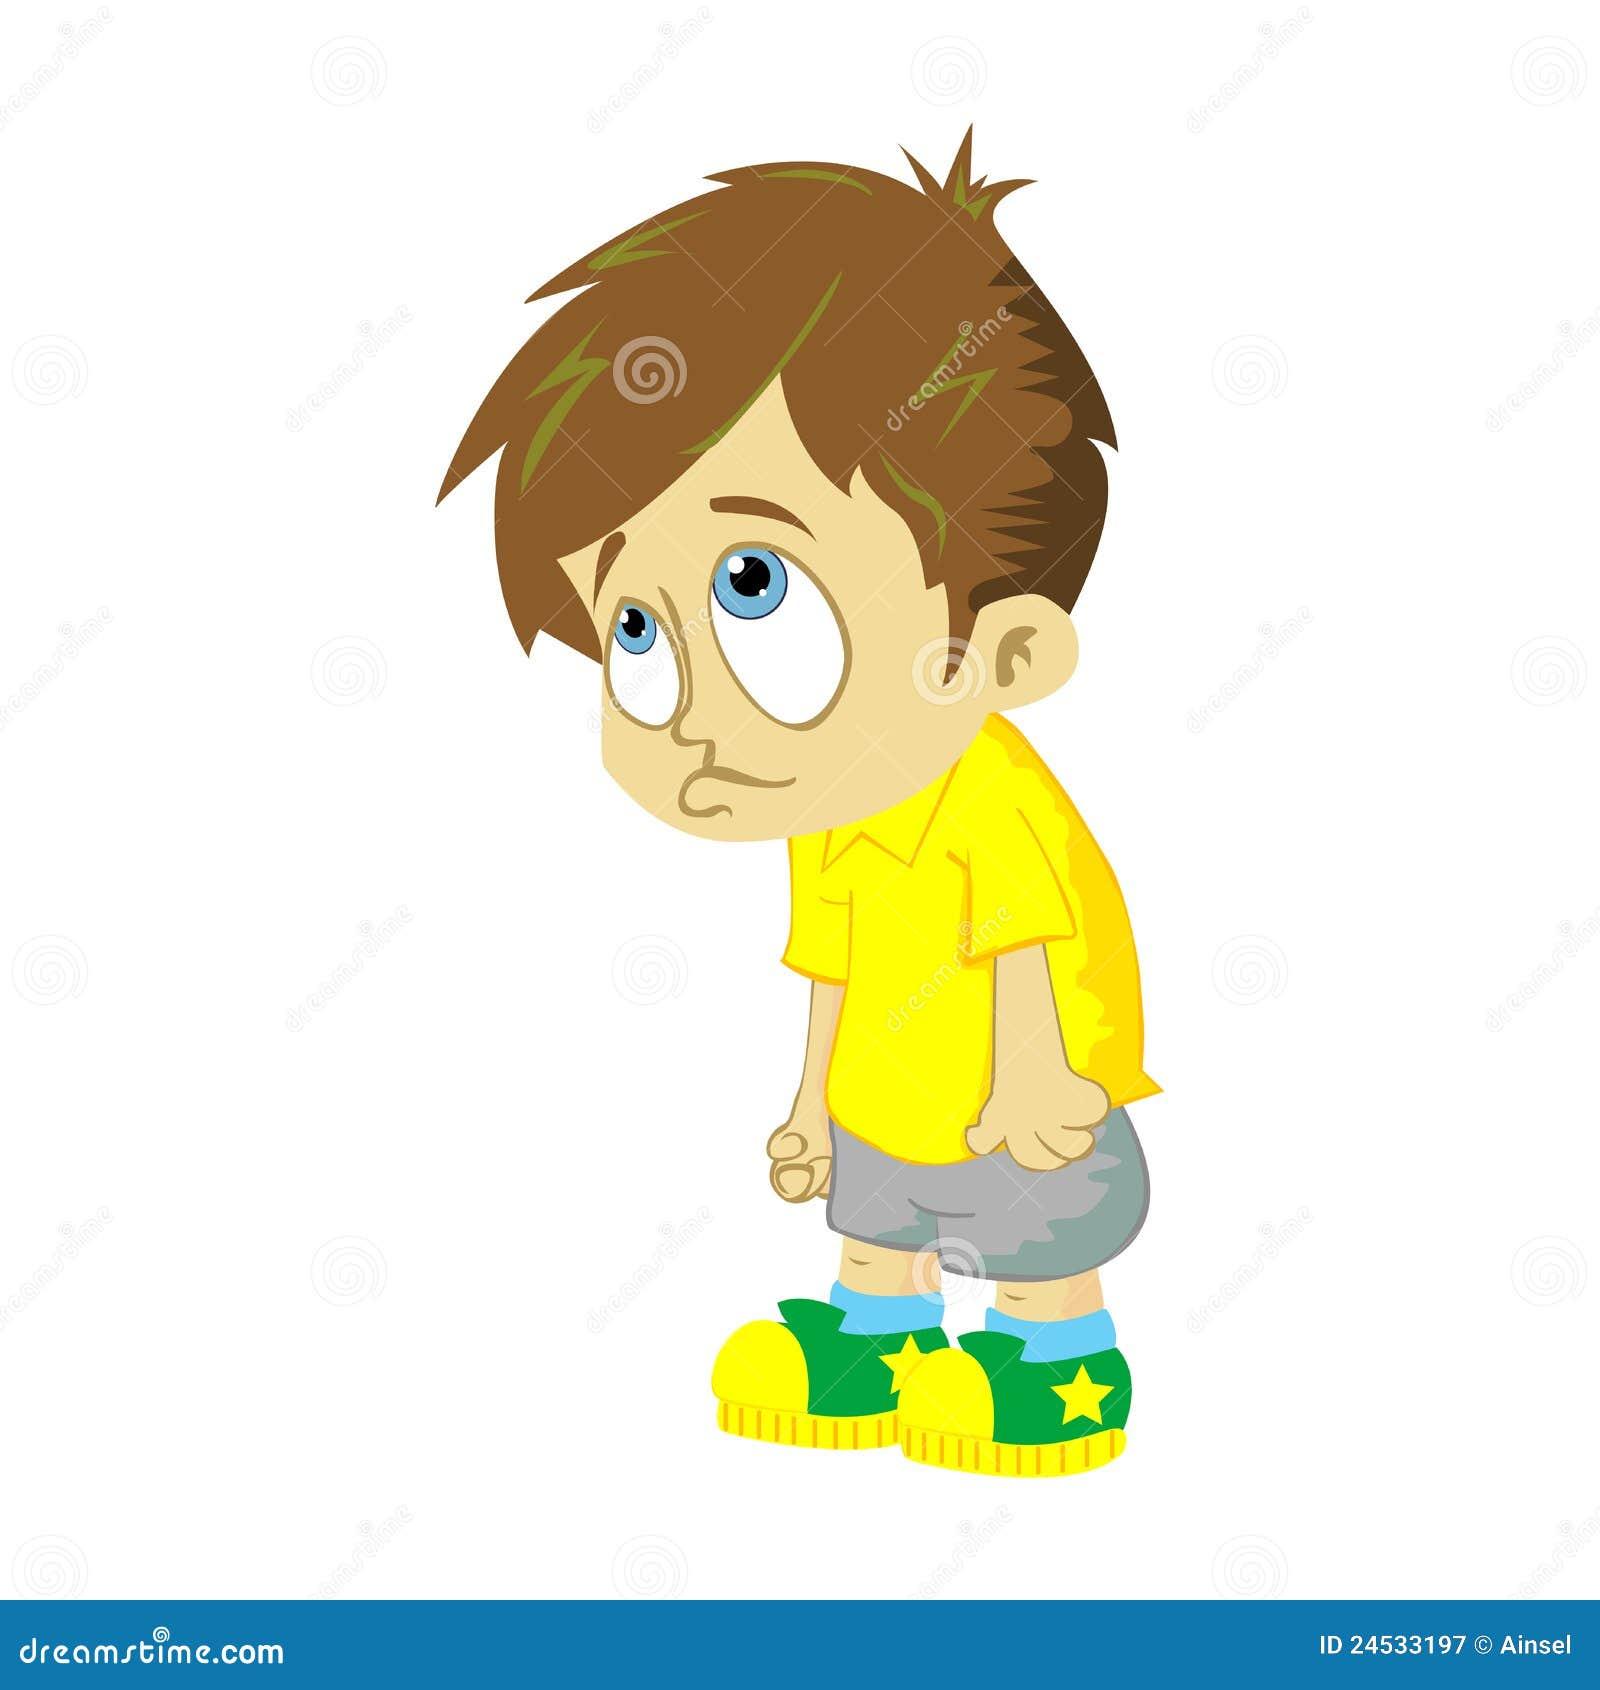 Sad Cartoon Boy Crying